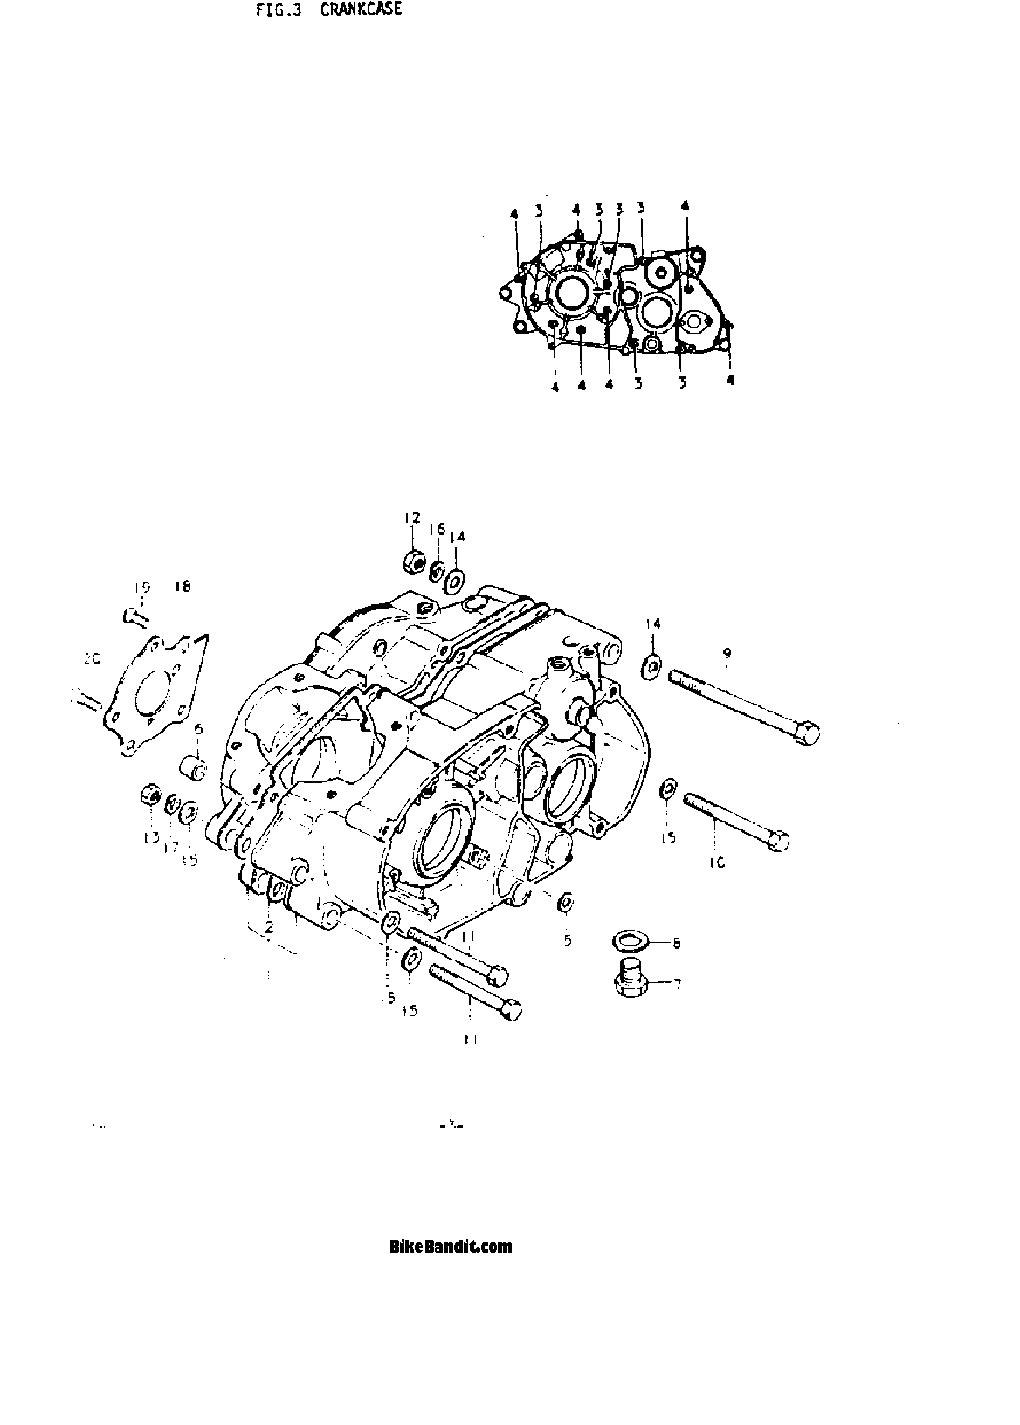 1974 Suzuki Ts185 Wiring Diagram 1974 Suzuki Ts185 Sierra Crankcase Parts Best Oem